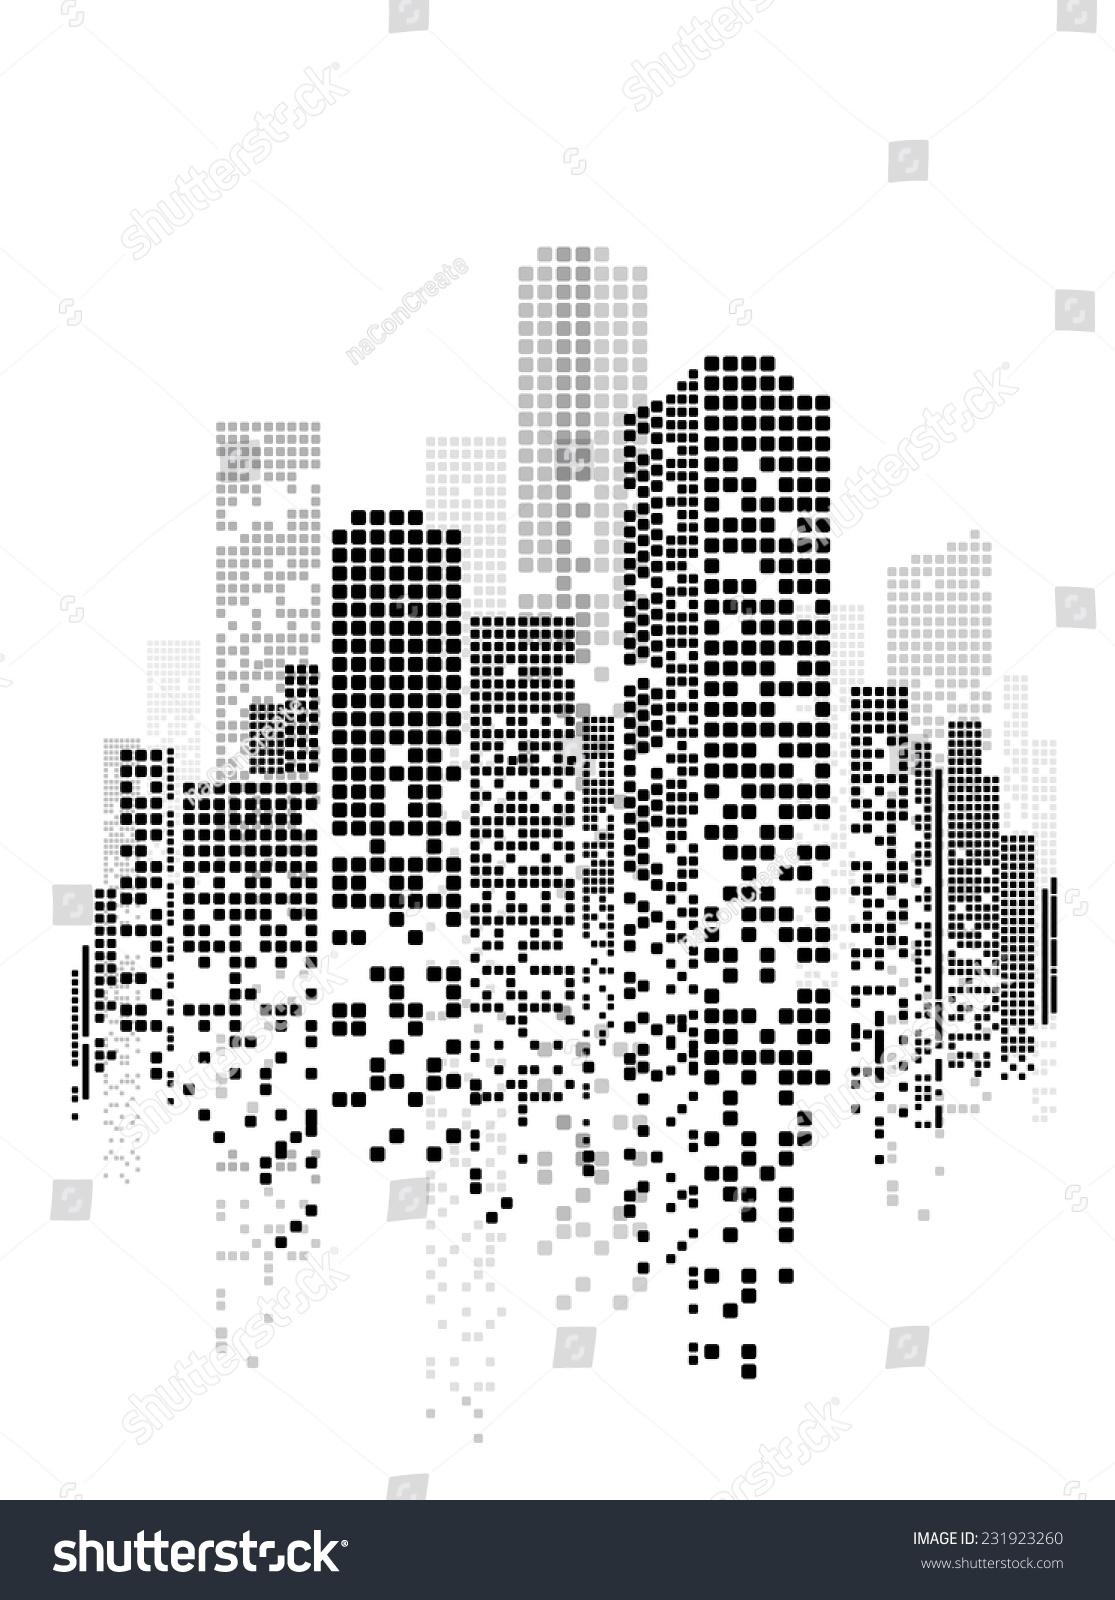 Vector Illustration Web Designs: Vector Design Building City Illustration Night Stock